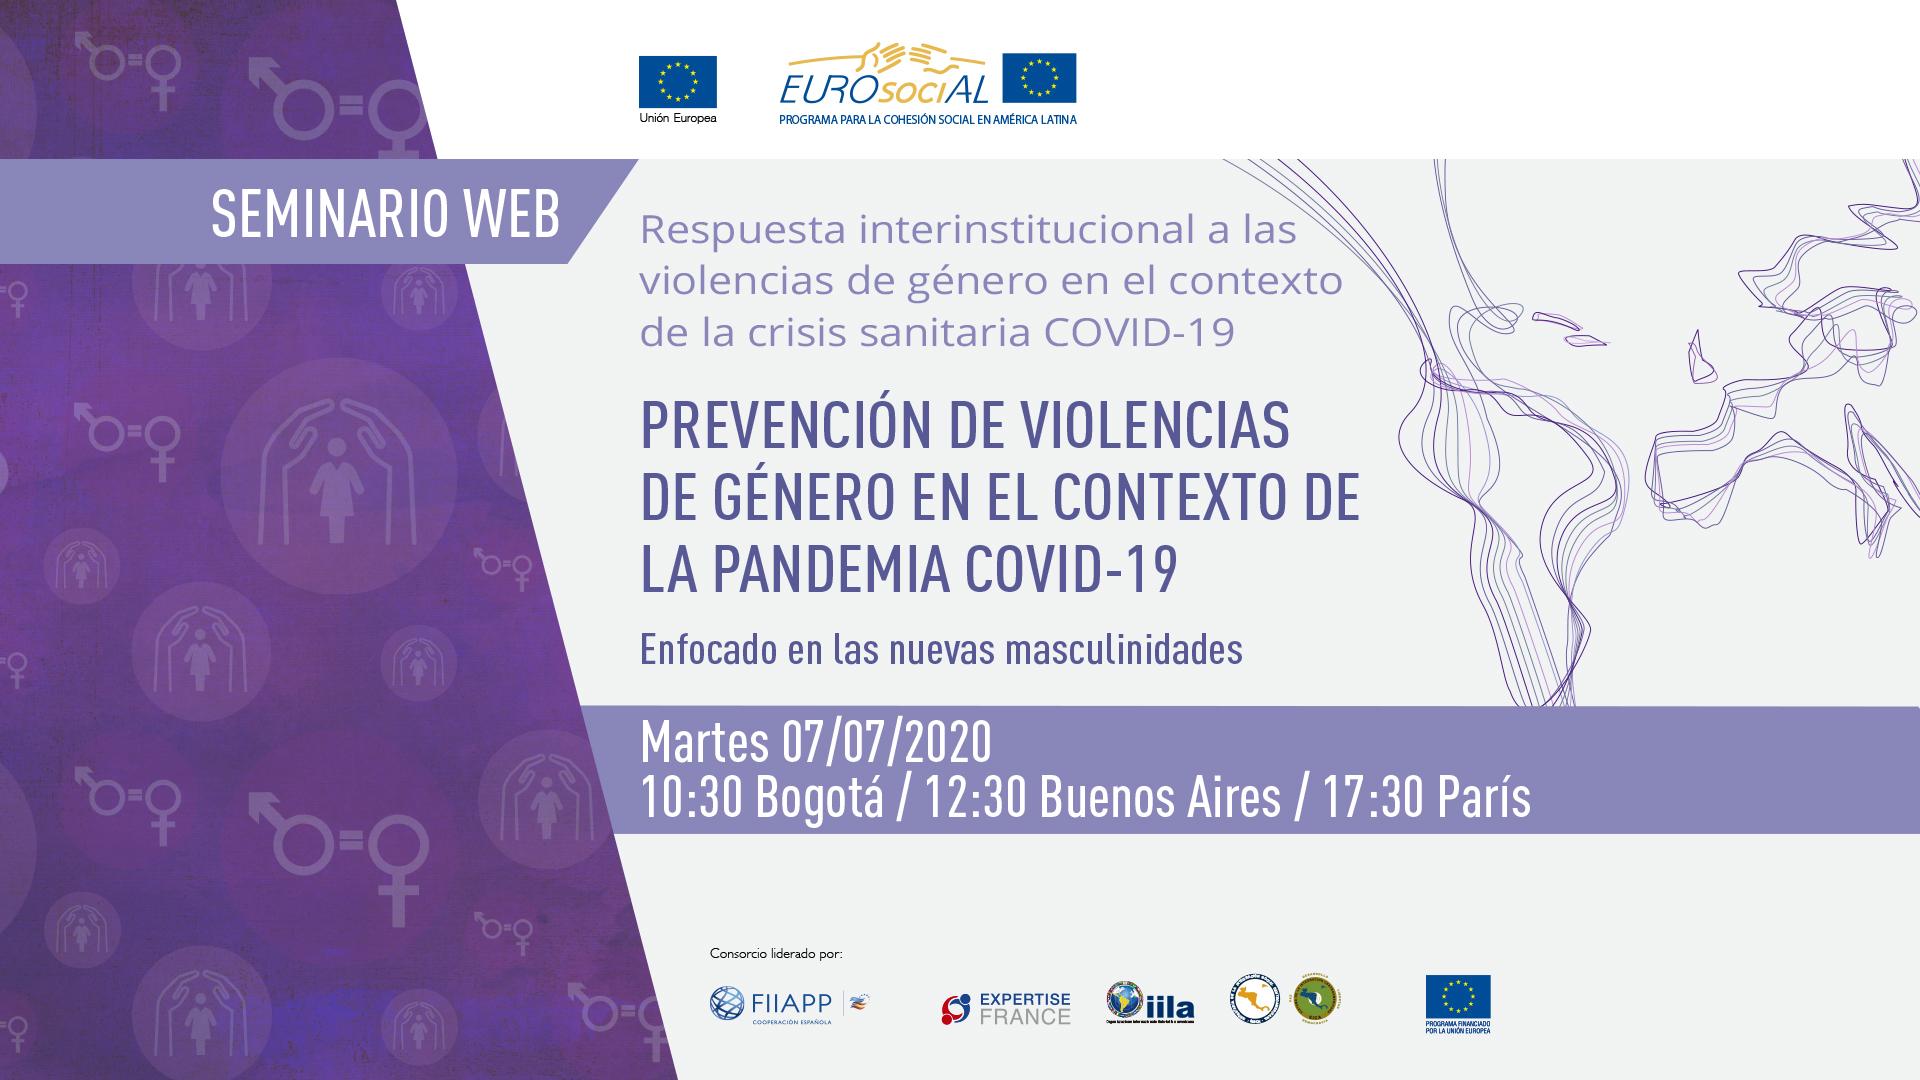 Prevención de violencias de género en el contexto de la pandemia COVID-19. Enfocado en nuevas masculinidades.